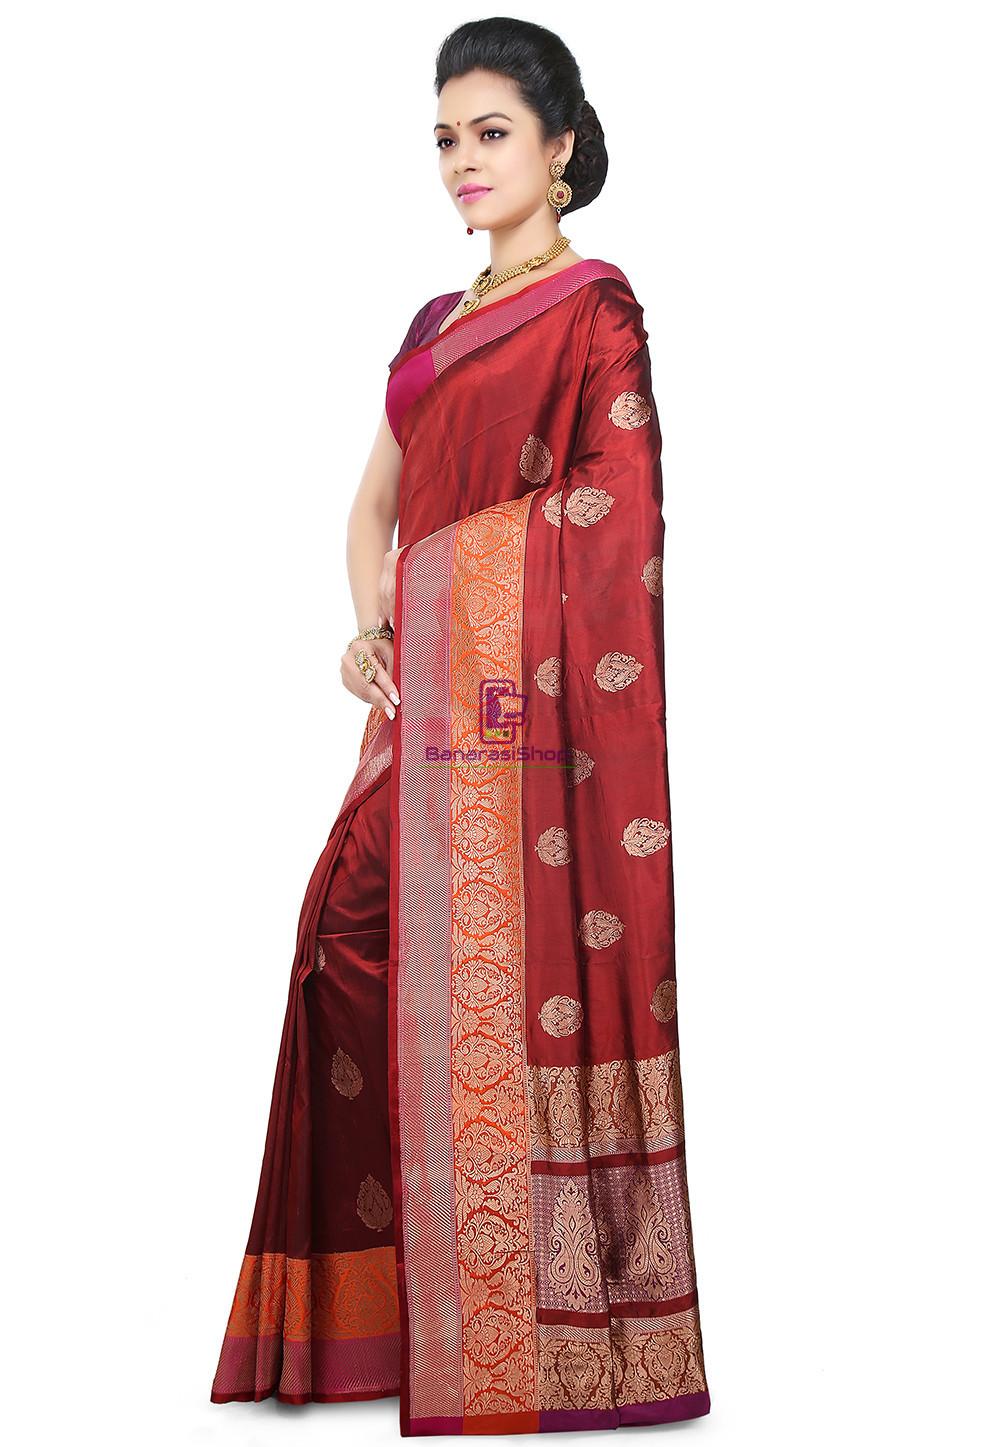 Banarasi Pure Katan Silk Handloom Saree in Maroon 5